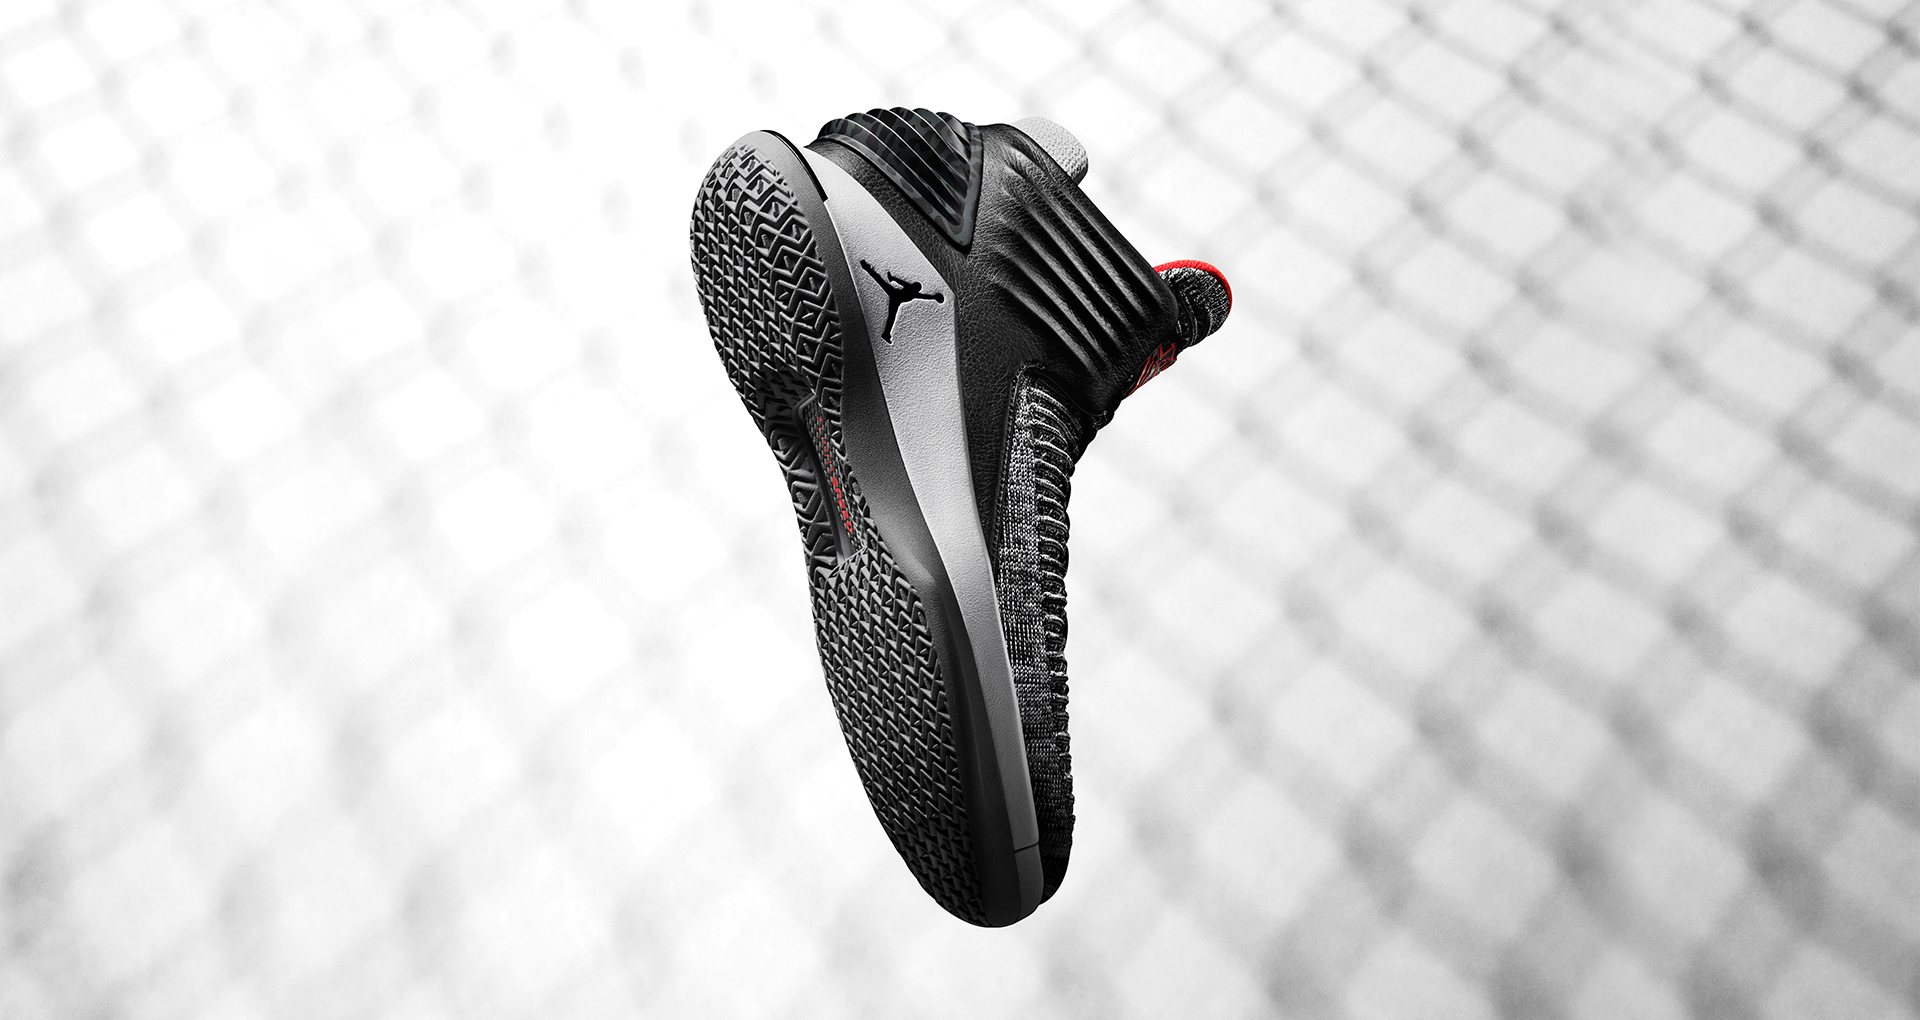 The Air Jordan 32 'MVP' Releases This